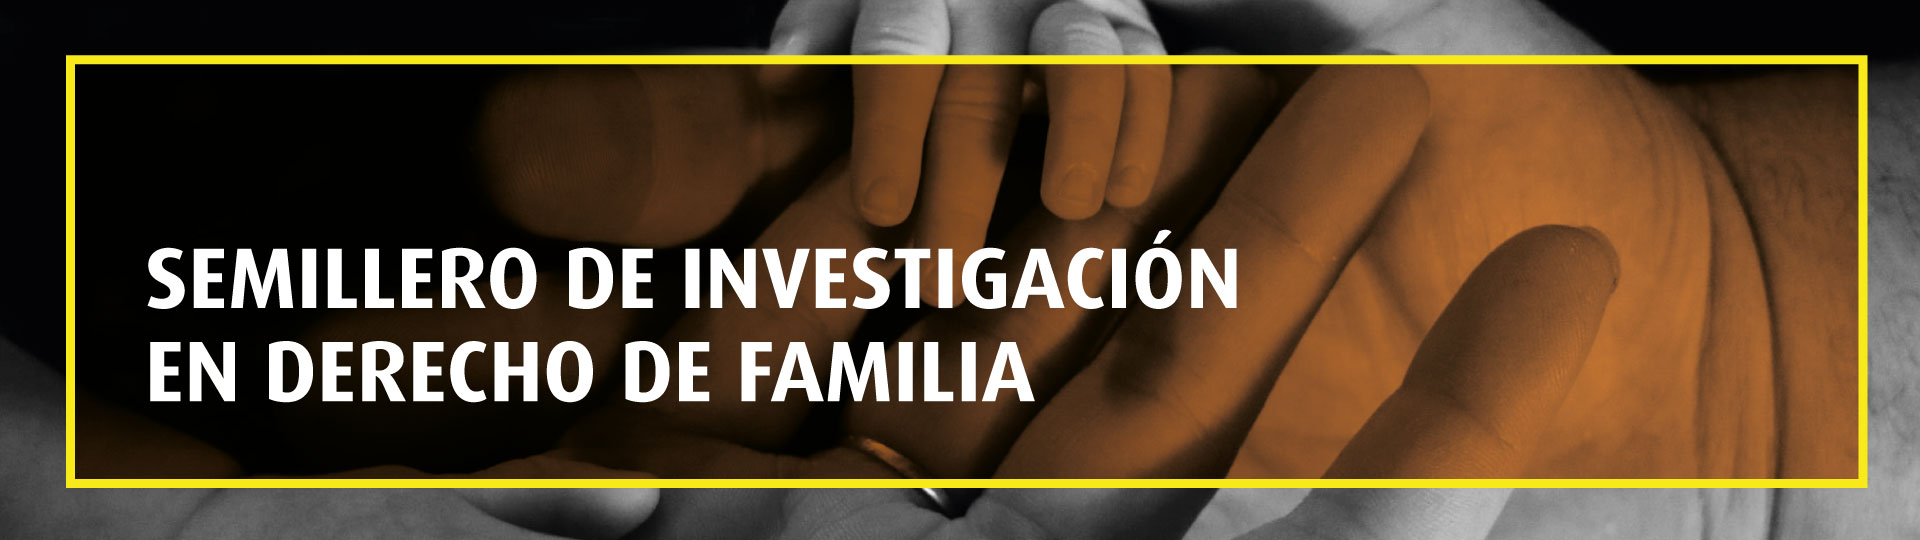 Semillero de Investigación en Derecho de Familia   Uniandes